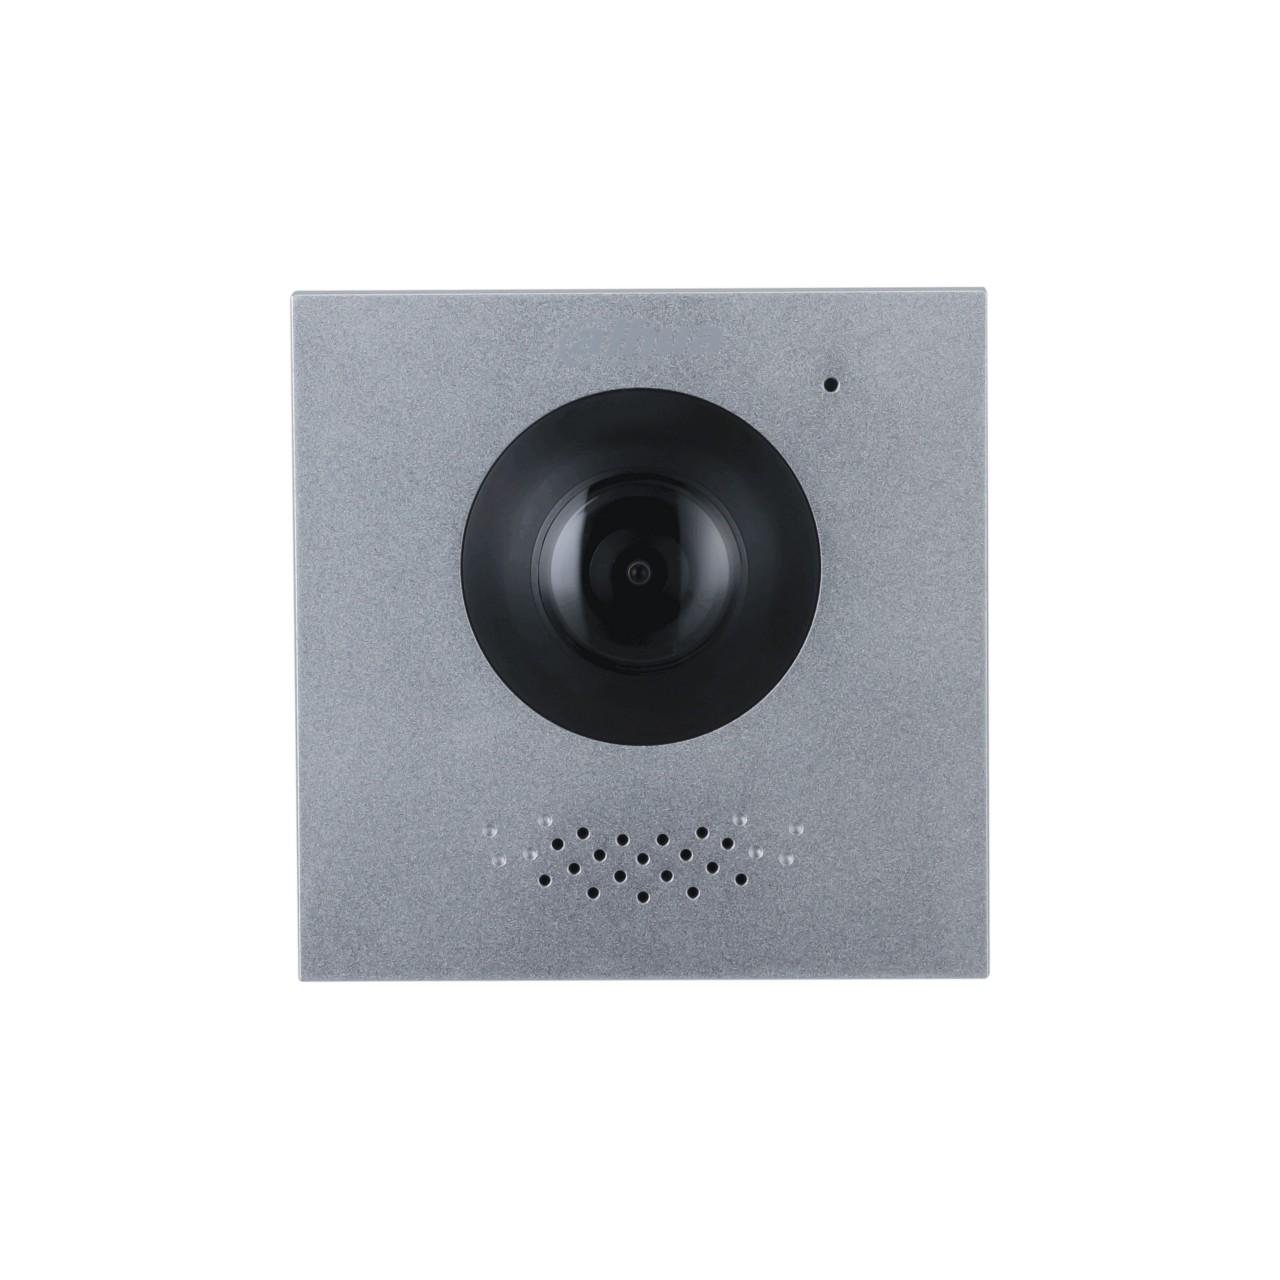 TURM IP Video Türsprechanlage, 2-Draht und PoE Hauptmodul mit 2 MP Kamera und 160° Blickwinkel